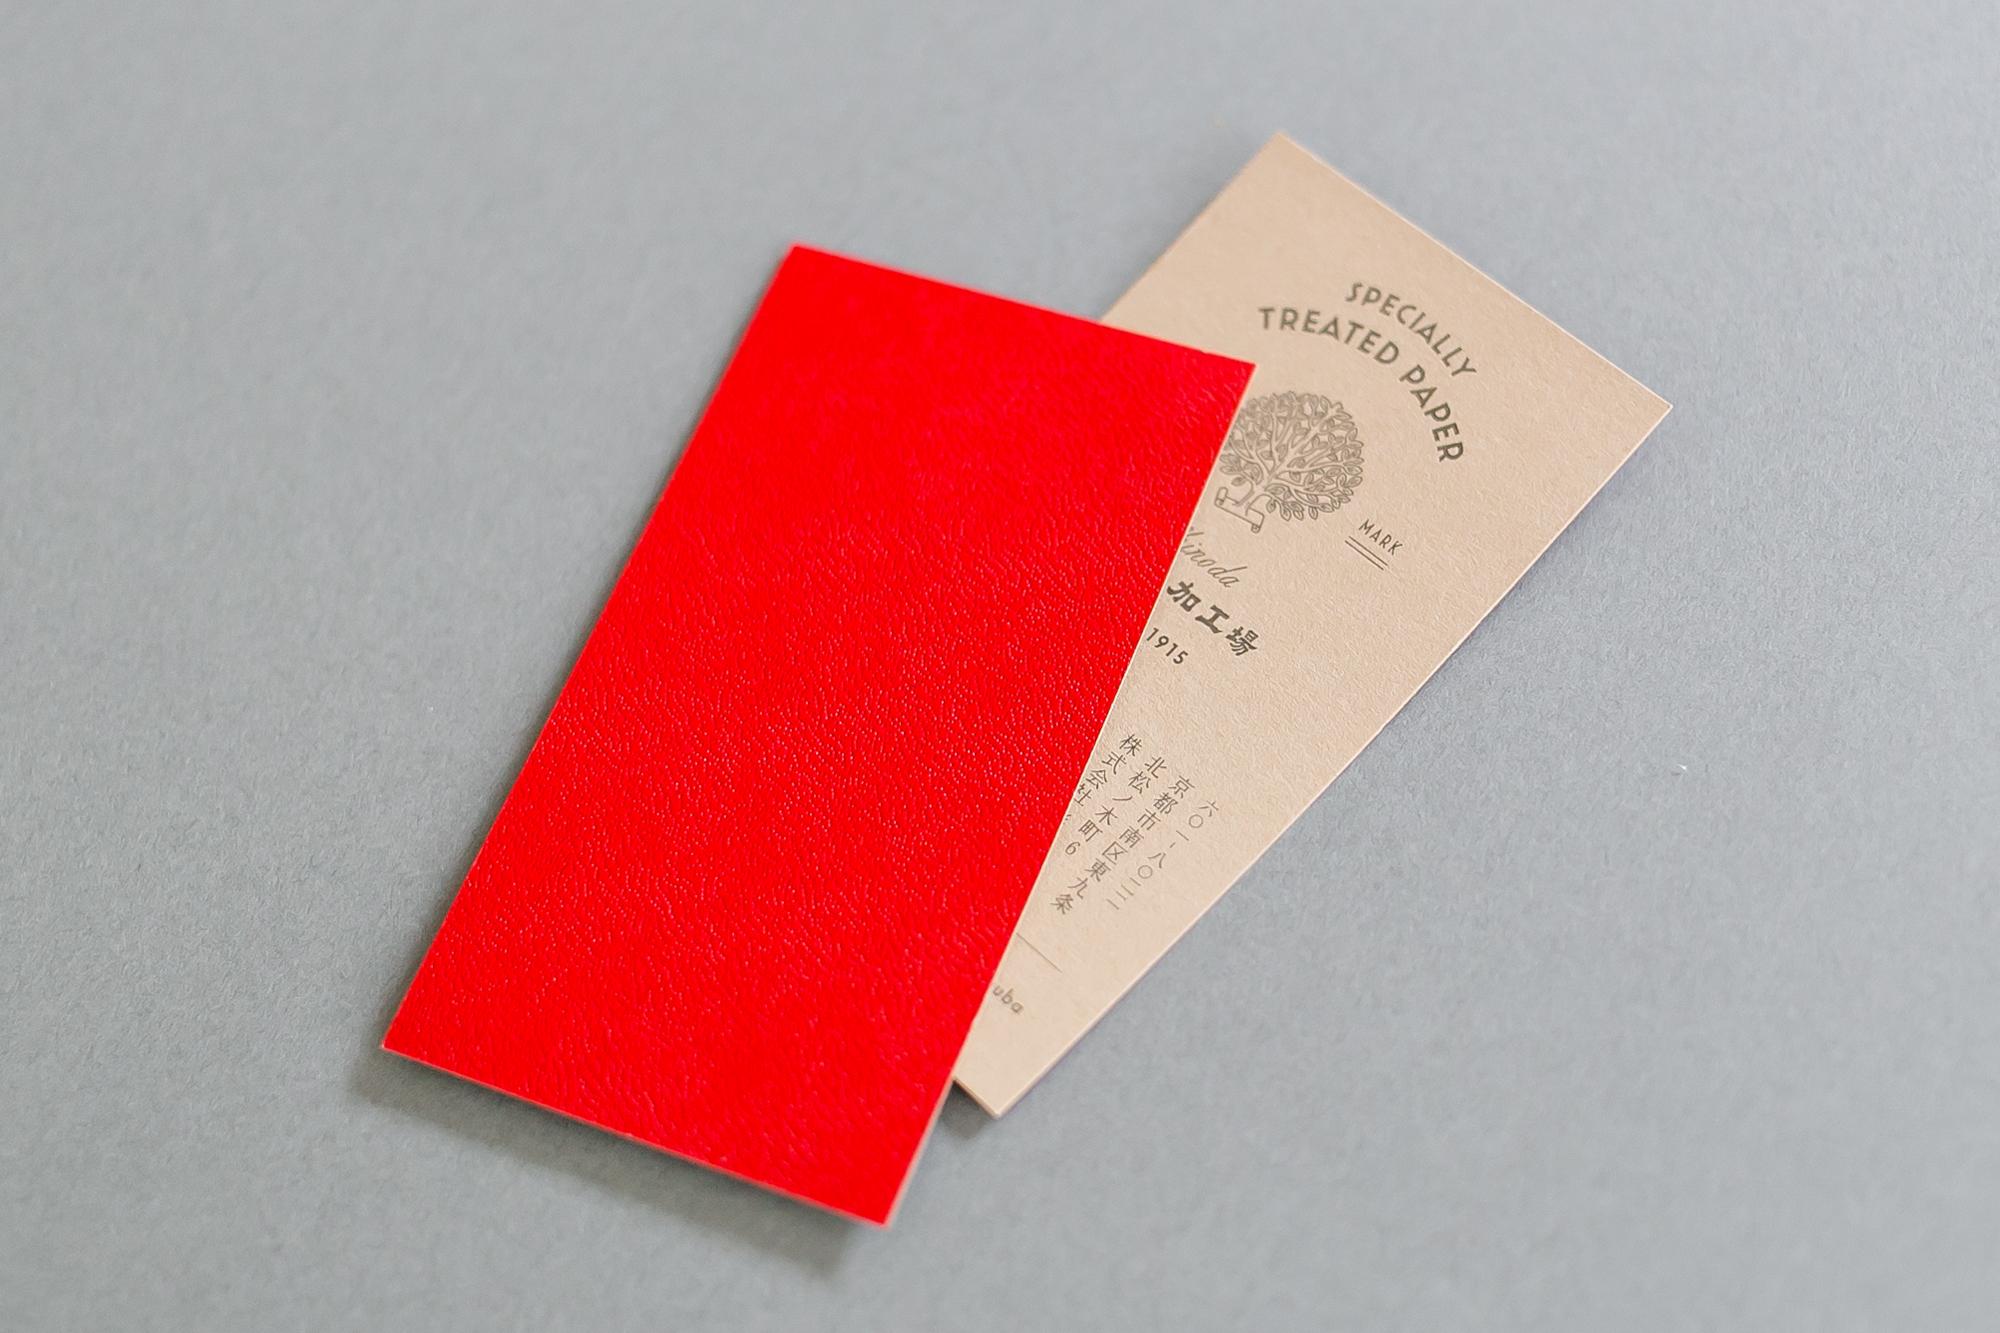 京都文具ブランドの名刺デザイン